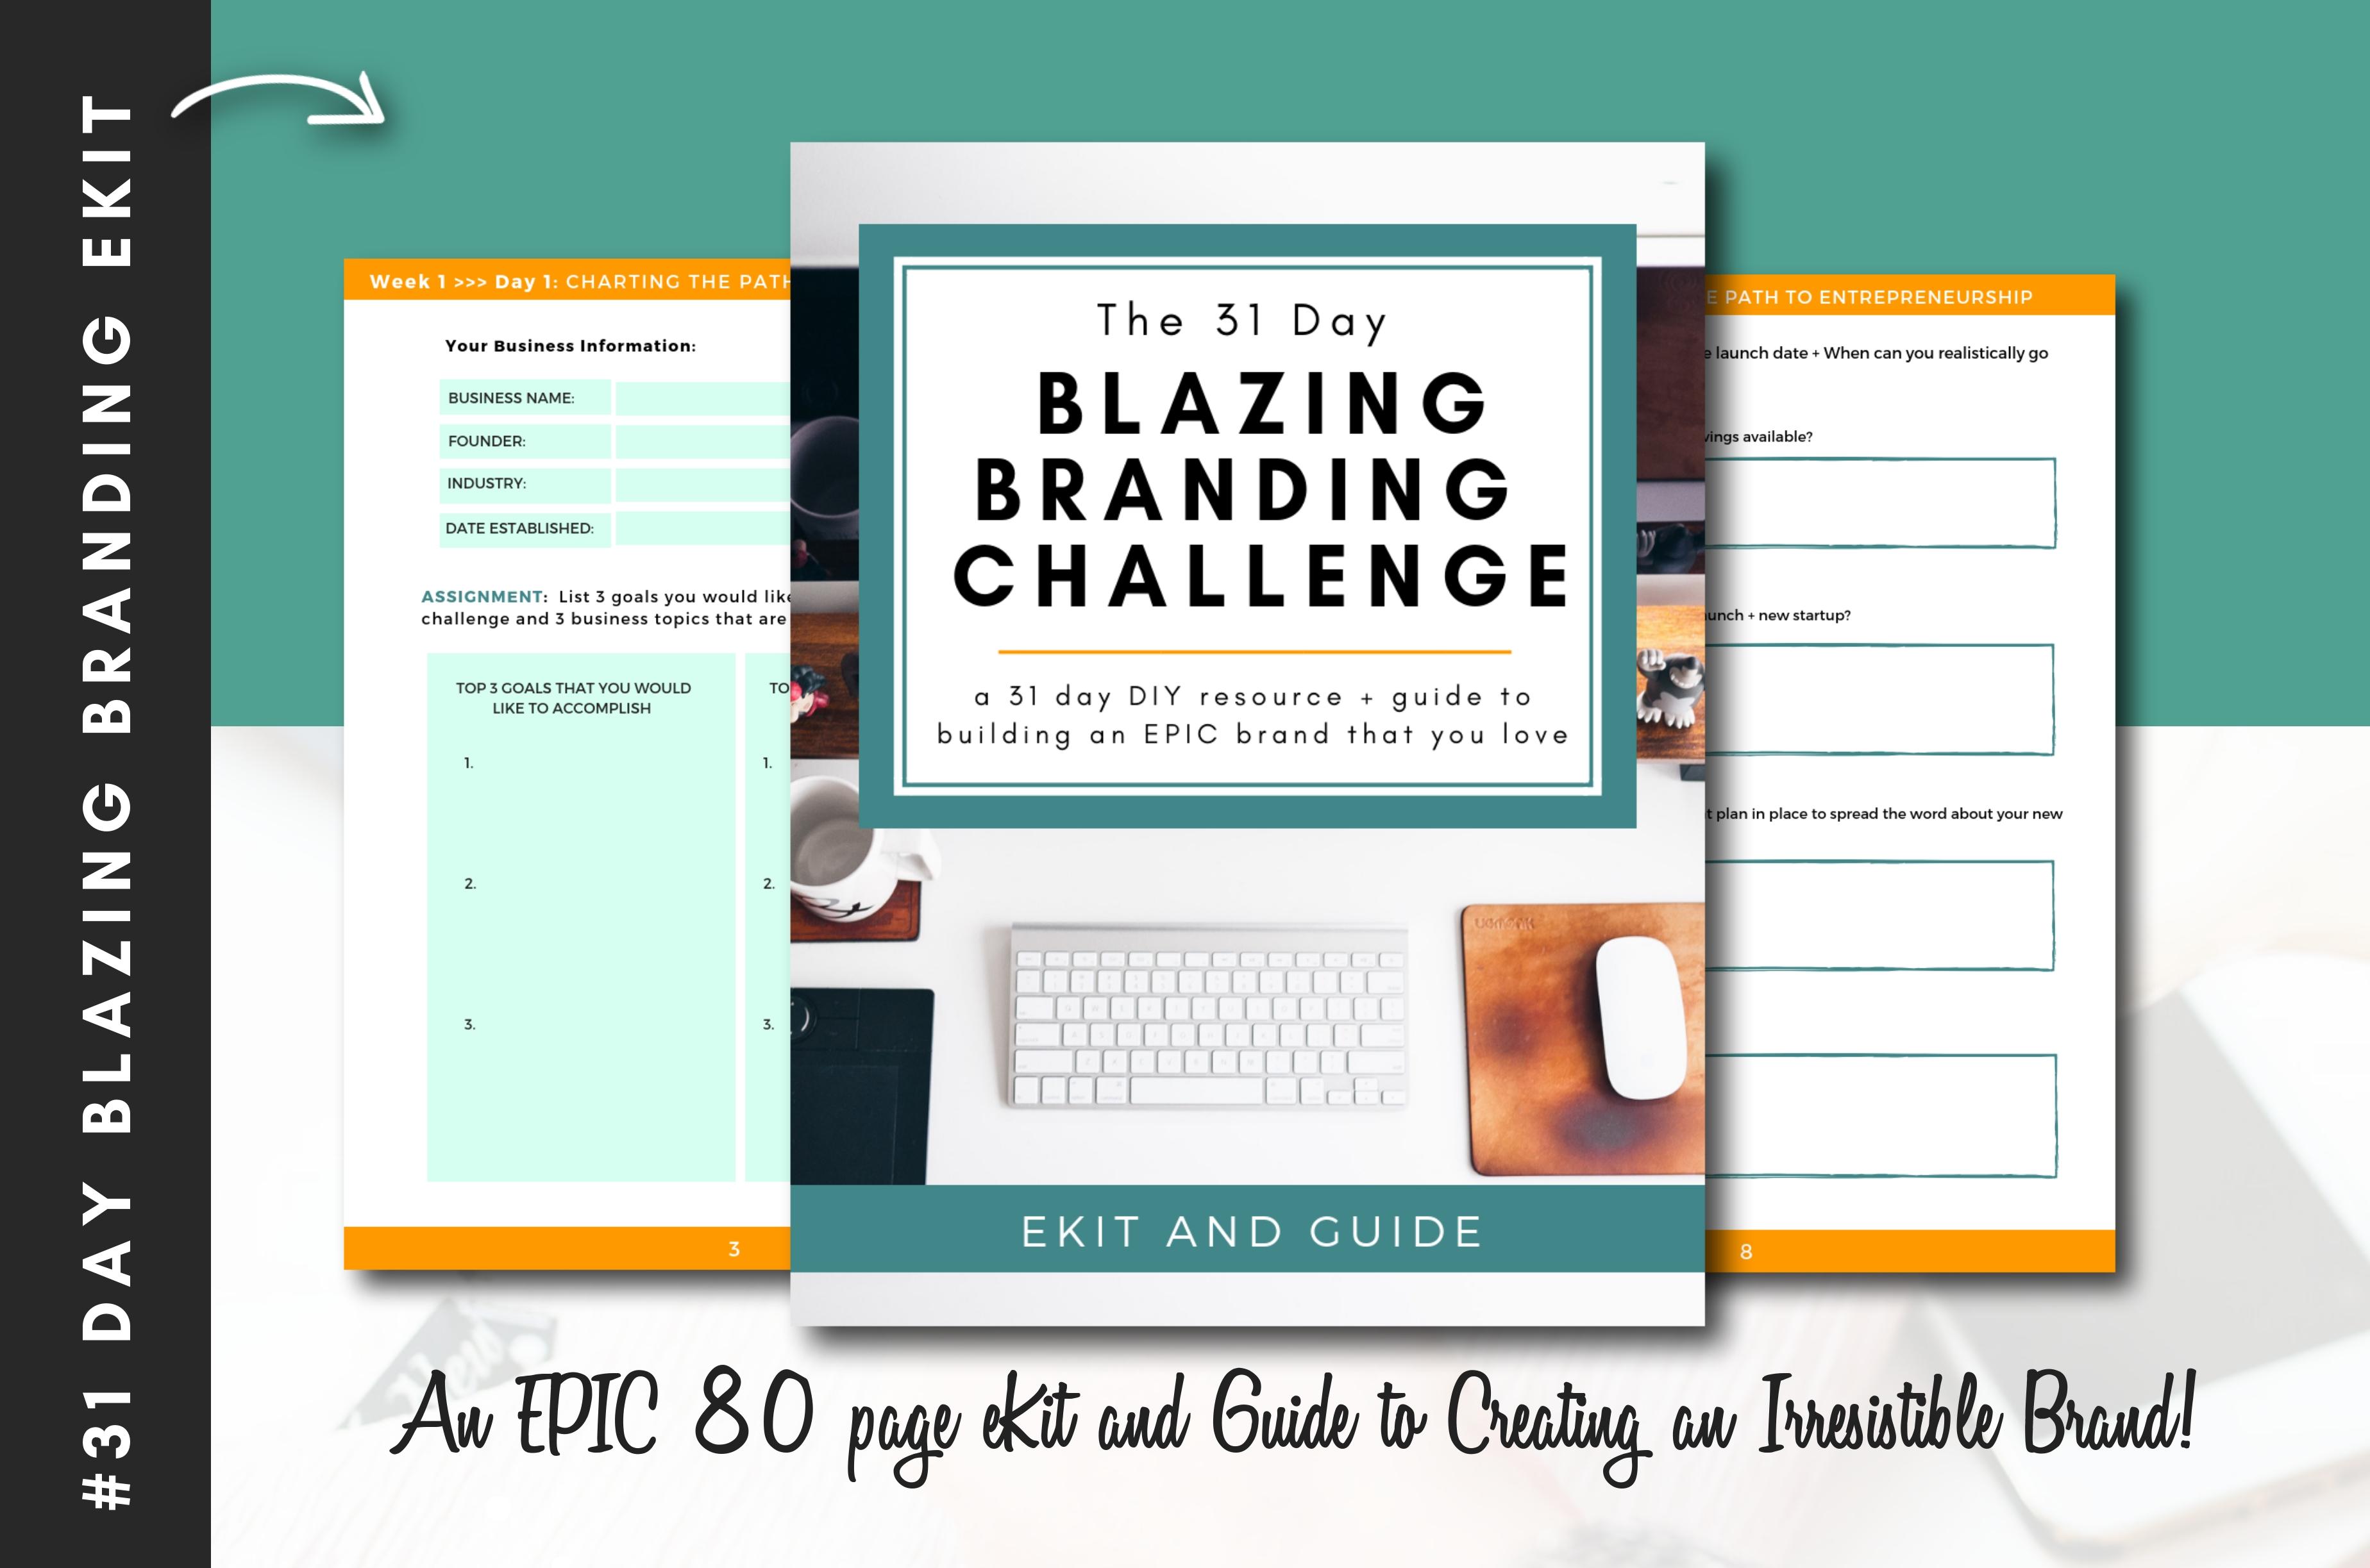 The 31 Day Blazing Branding eKit Workbook